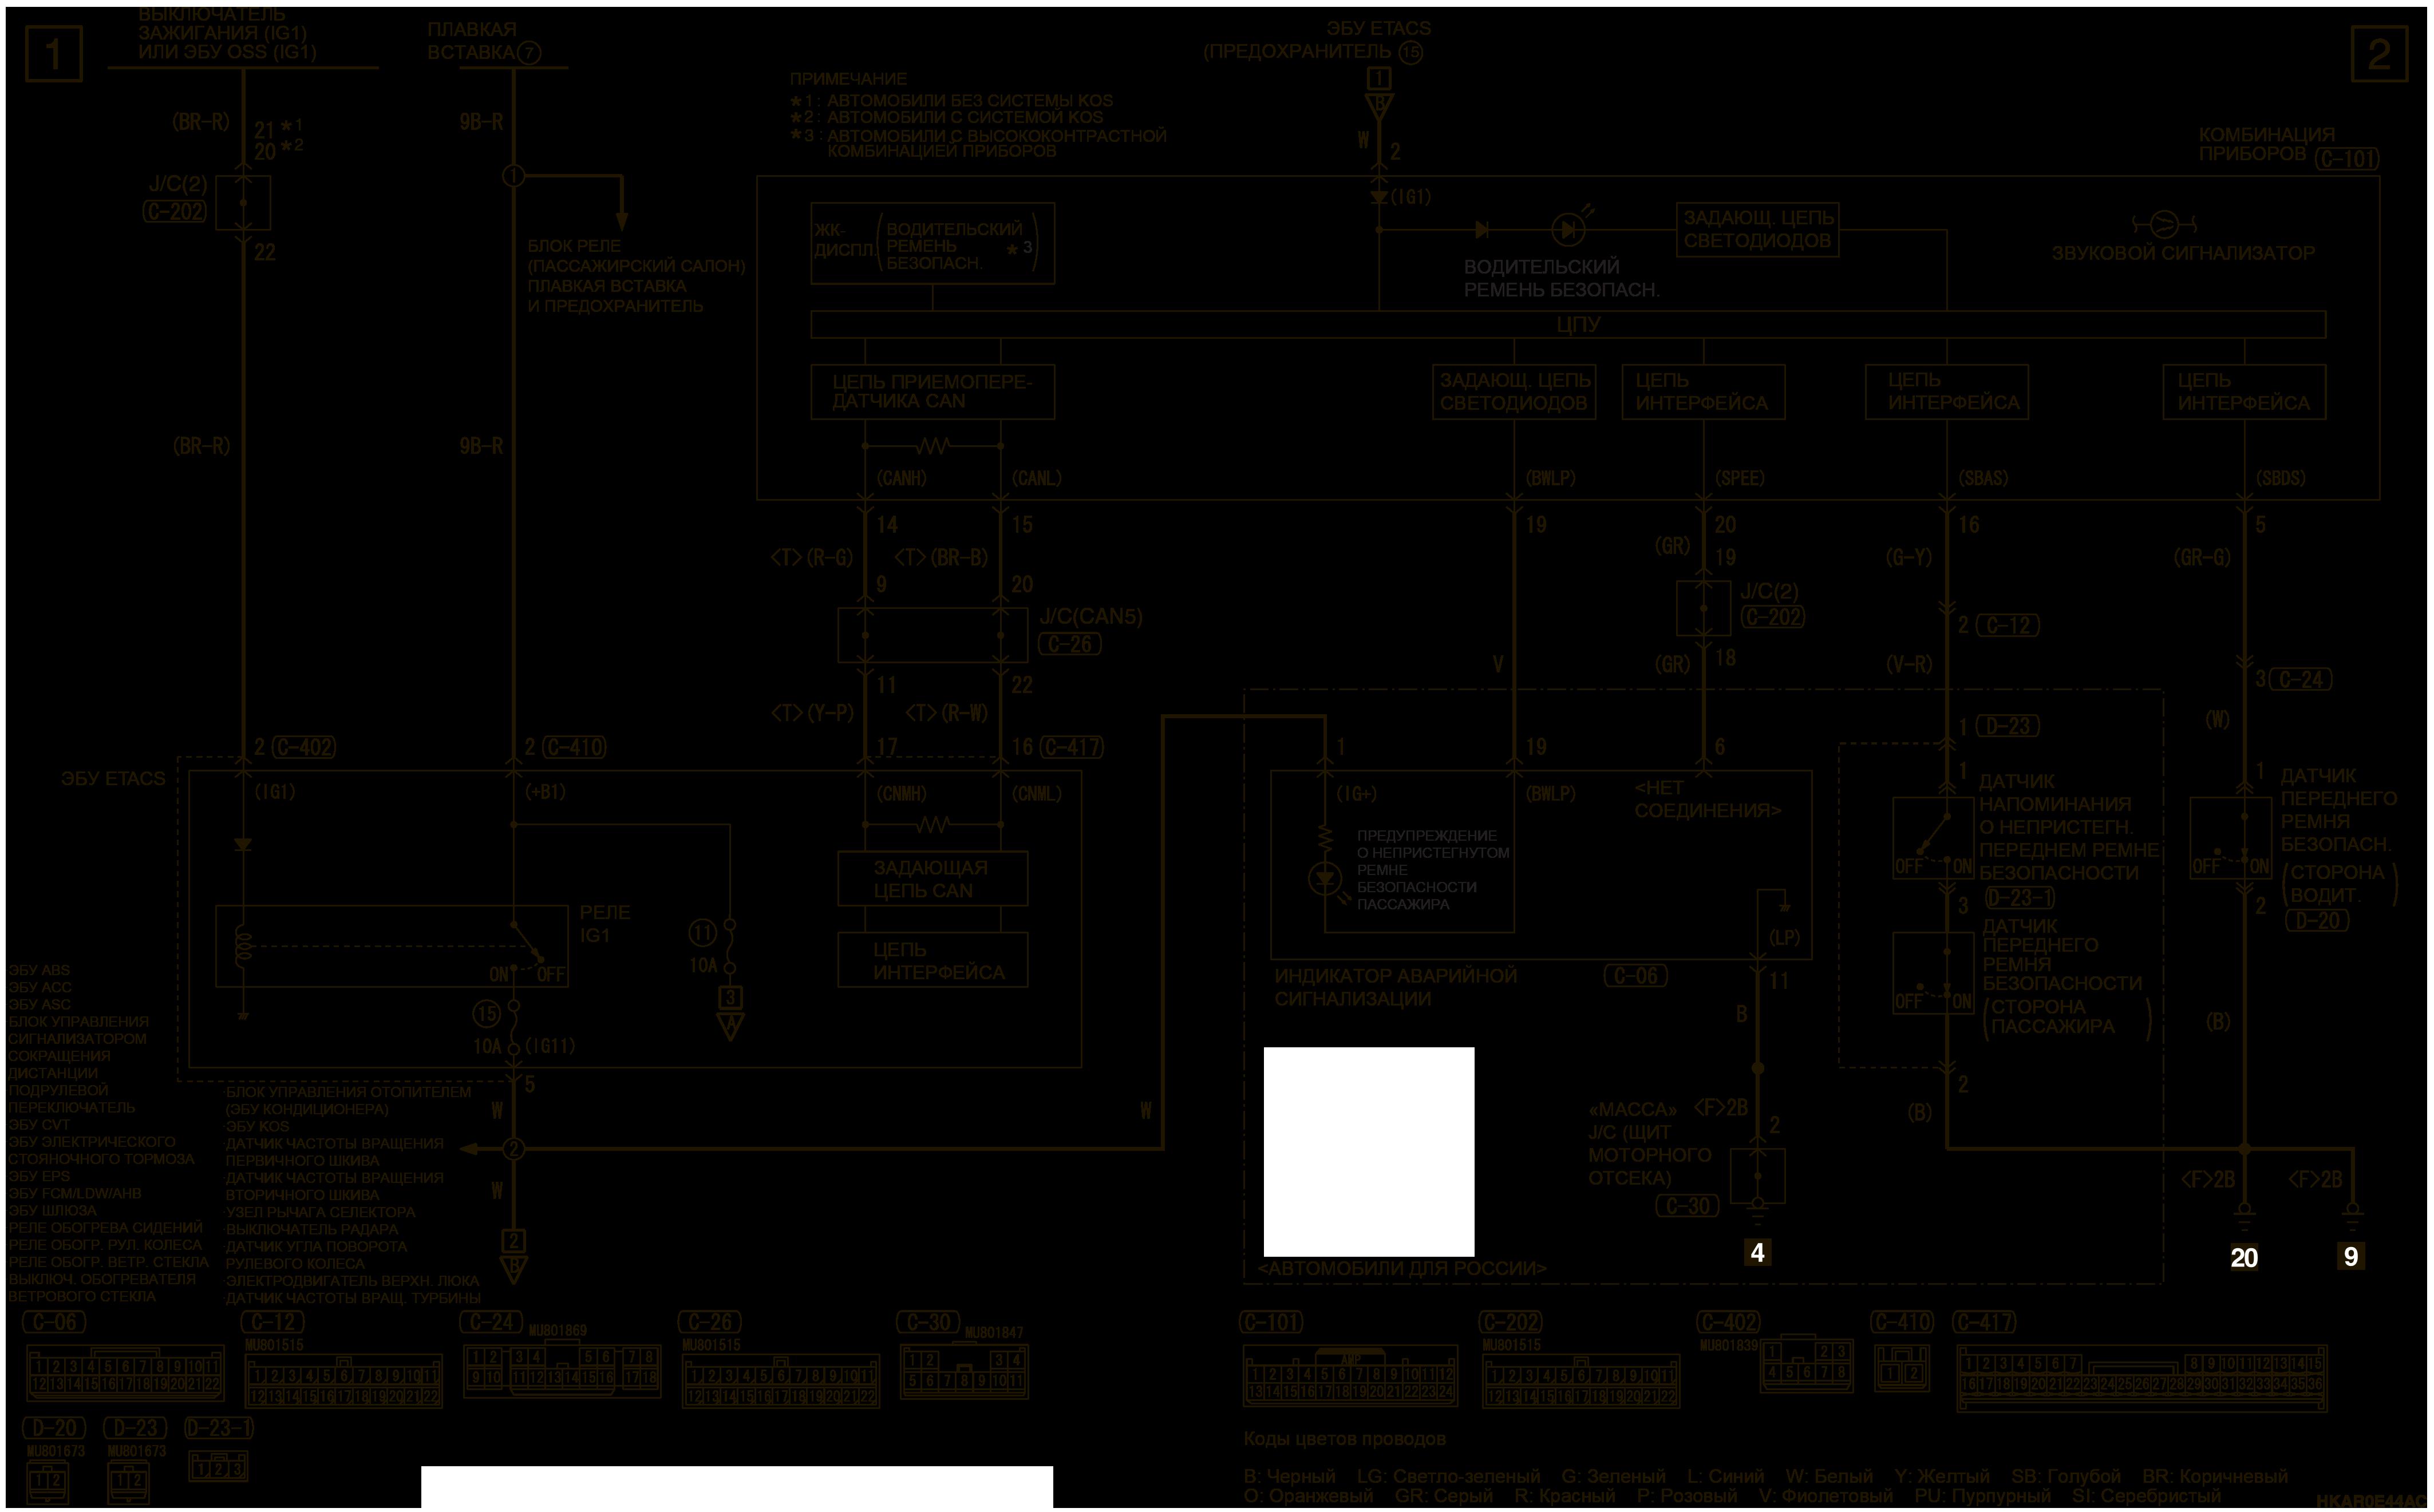 mmc аутлендер 3 2019 электросхемаСИГНАЛИЗАТОР РЕМНЯ БЕЗОПАСНОСТИ АВТОМОБИЛИ ДЛЯ РОССИИ И АРГЕНТИНЫ